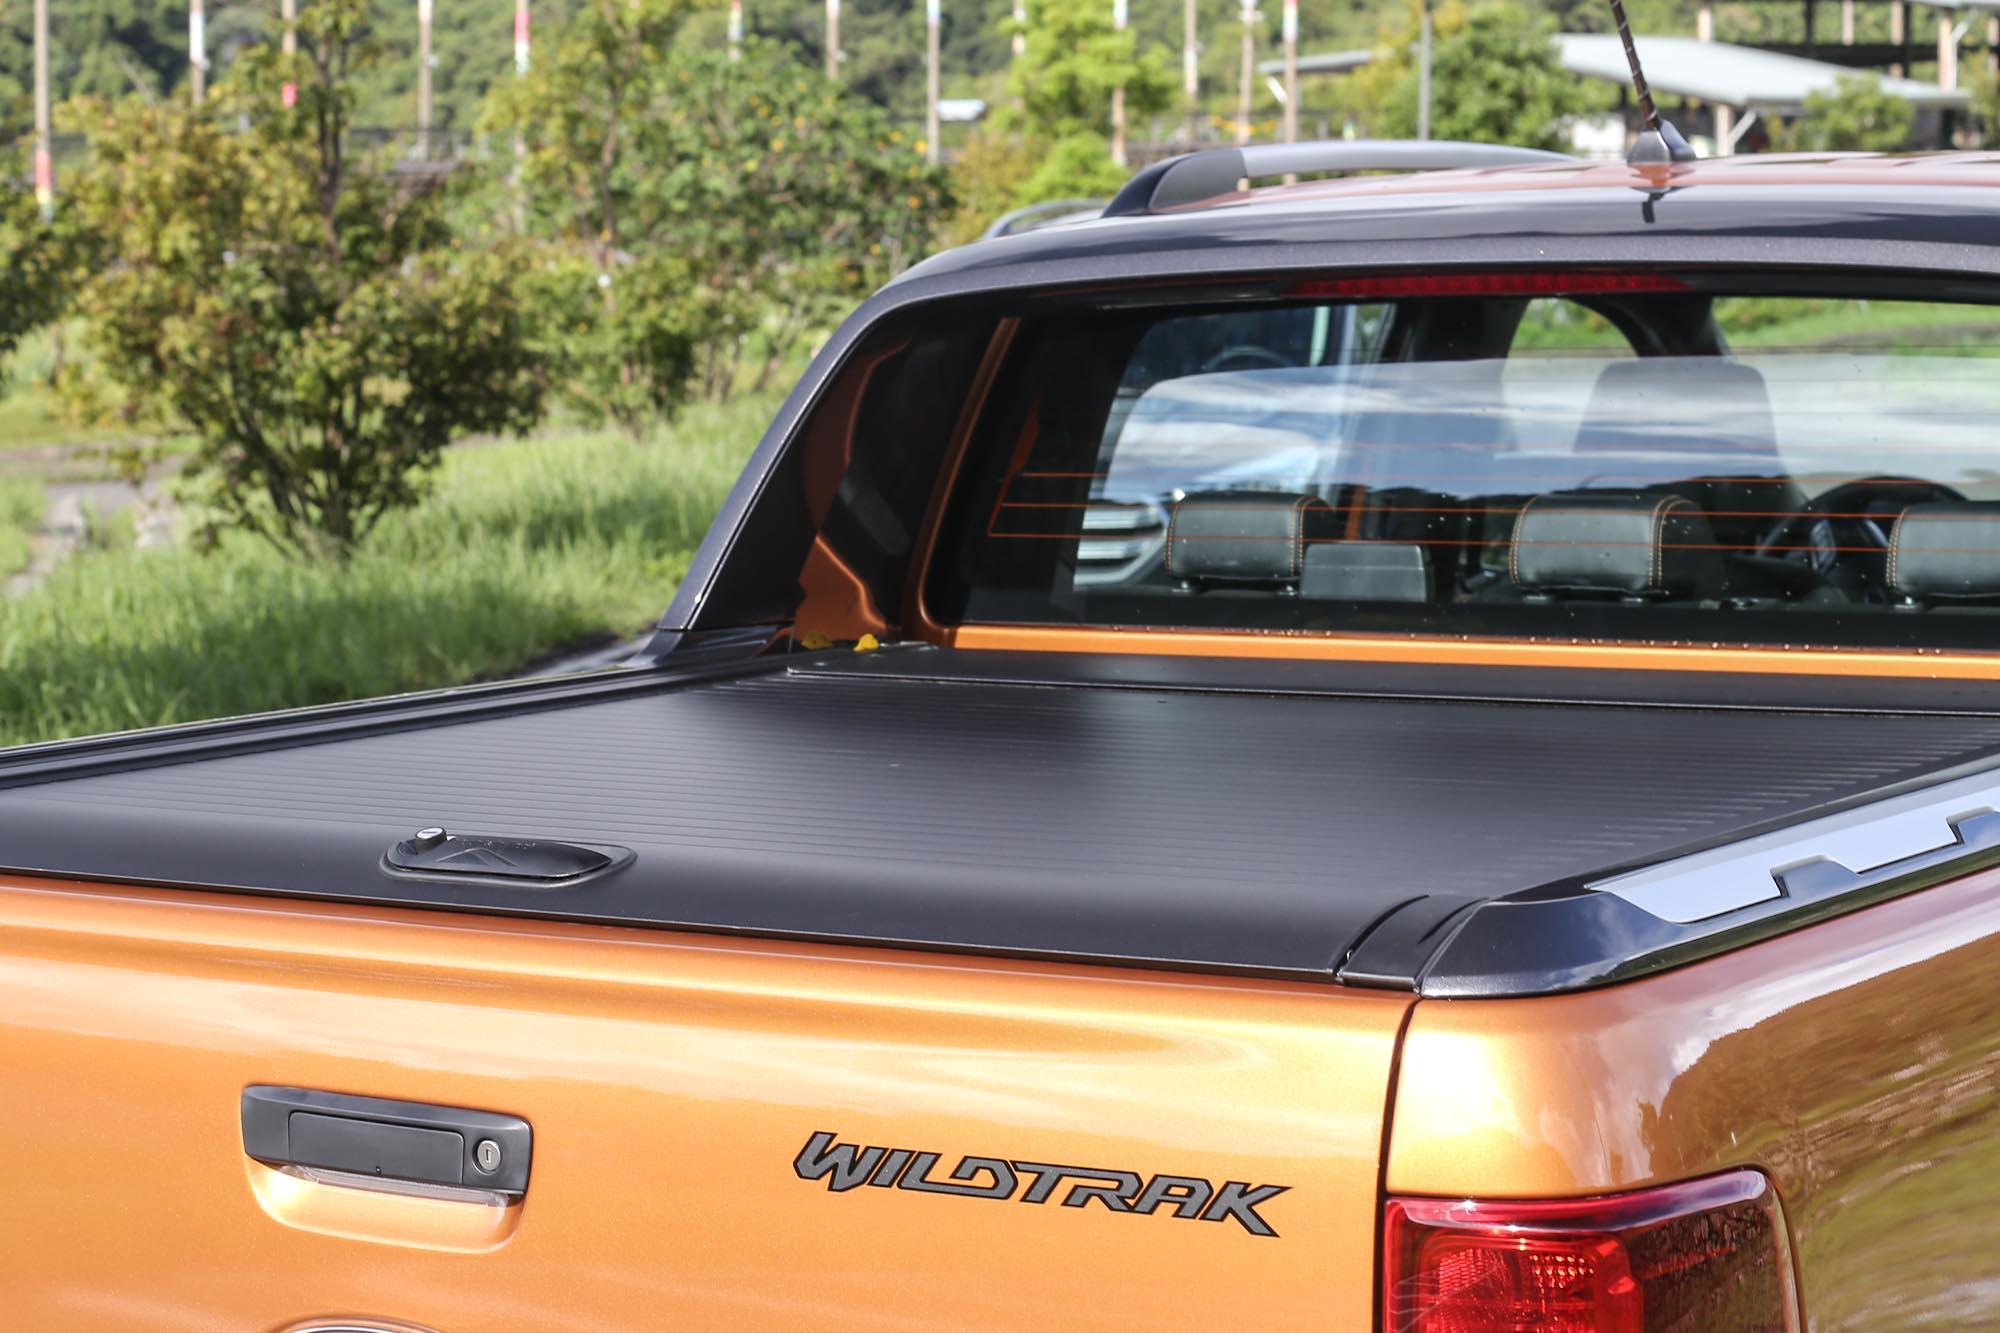 試駕車款配備與北歐知名品牌 MountainTop 合作開發的輕量化鋁合金捲簾設計,可以增加後斗置物的隱蔽性。